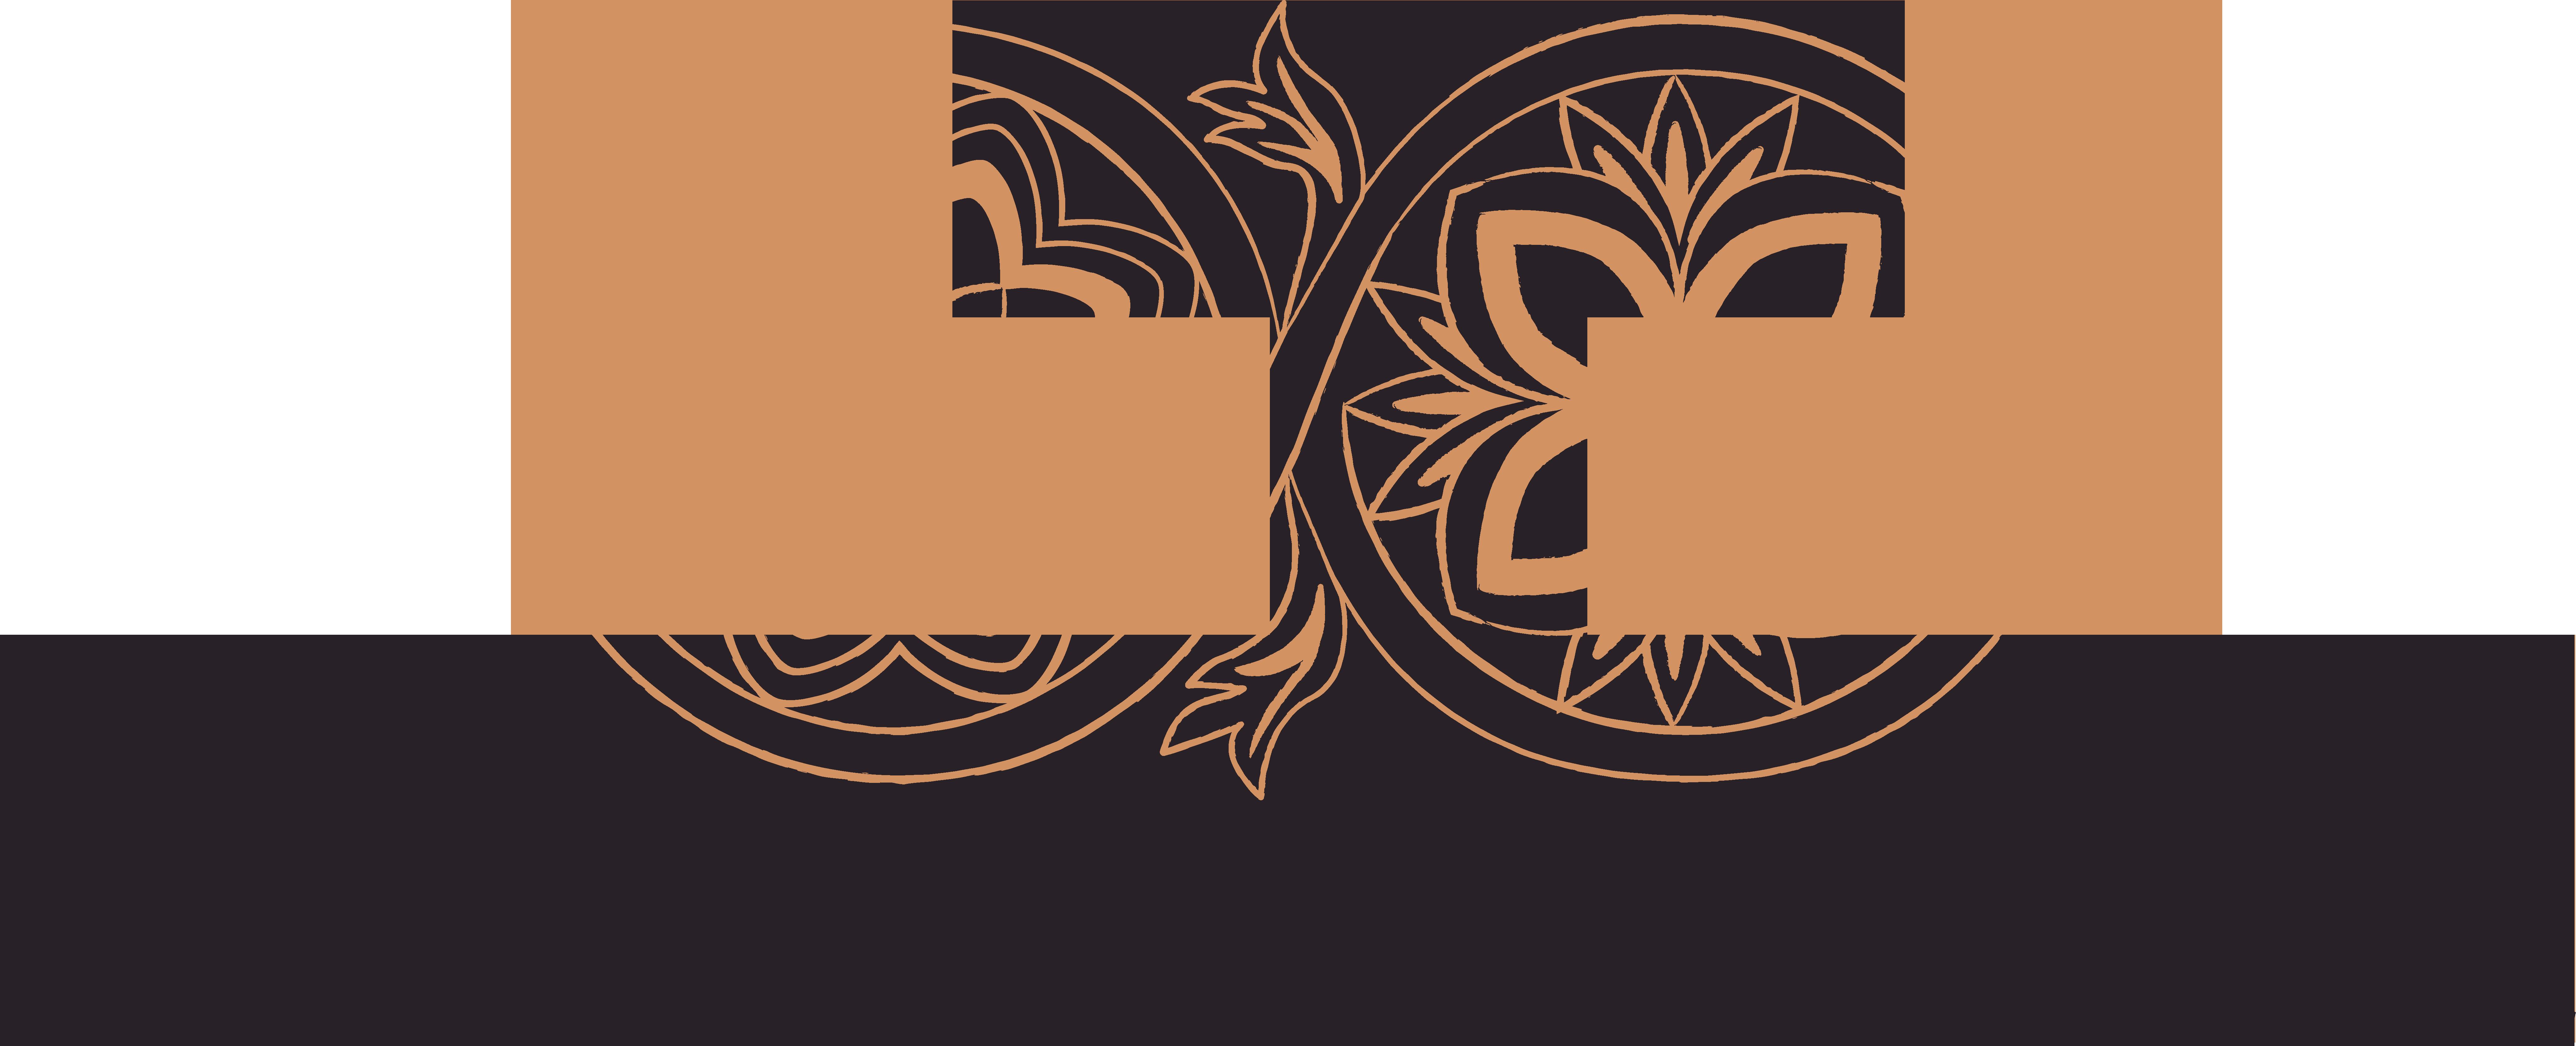 Les Assises de la Sagesse - Logo